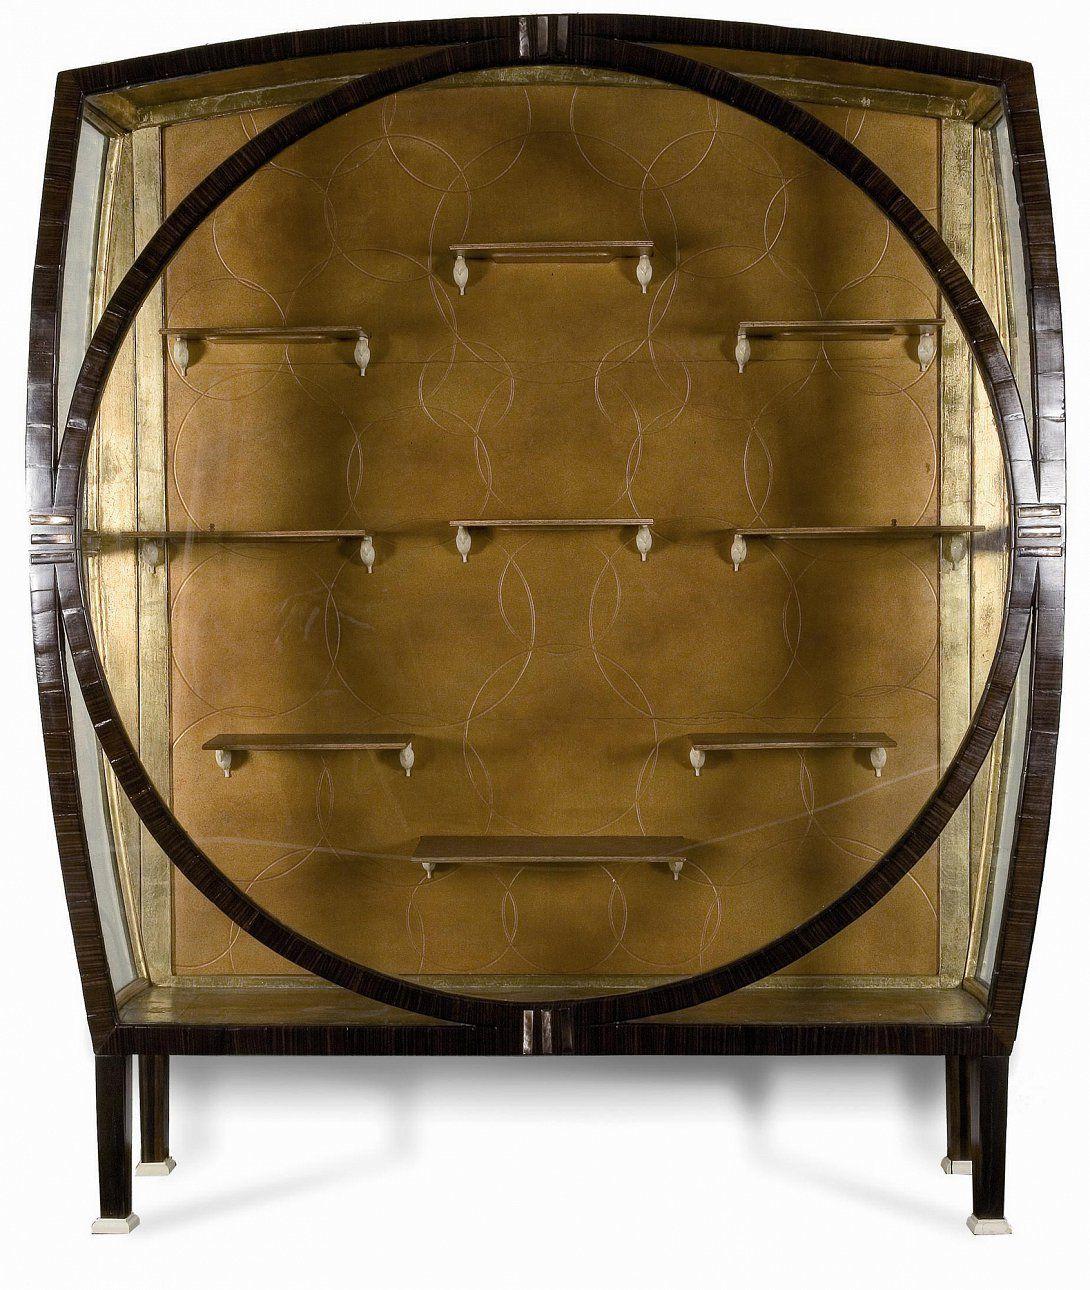 marcel coard vitrine placage d 39 b ne de macassar et de nacre sabots en ivoire 1914 1915. Black Bedroom Furniture Sets. Home Design Ideas